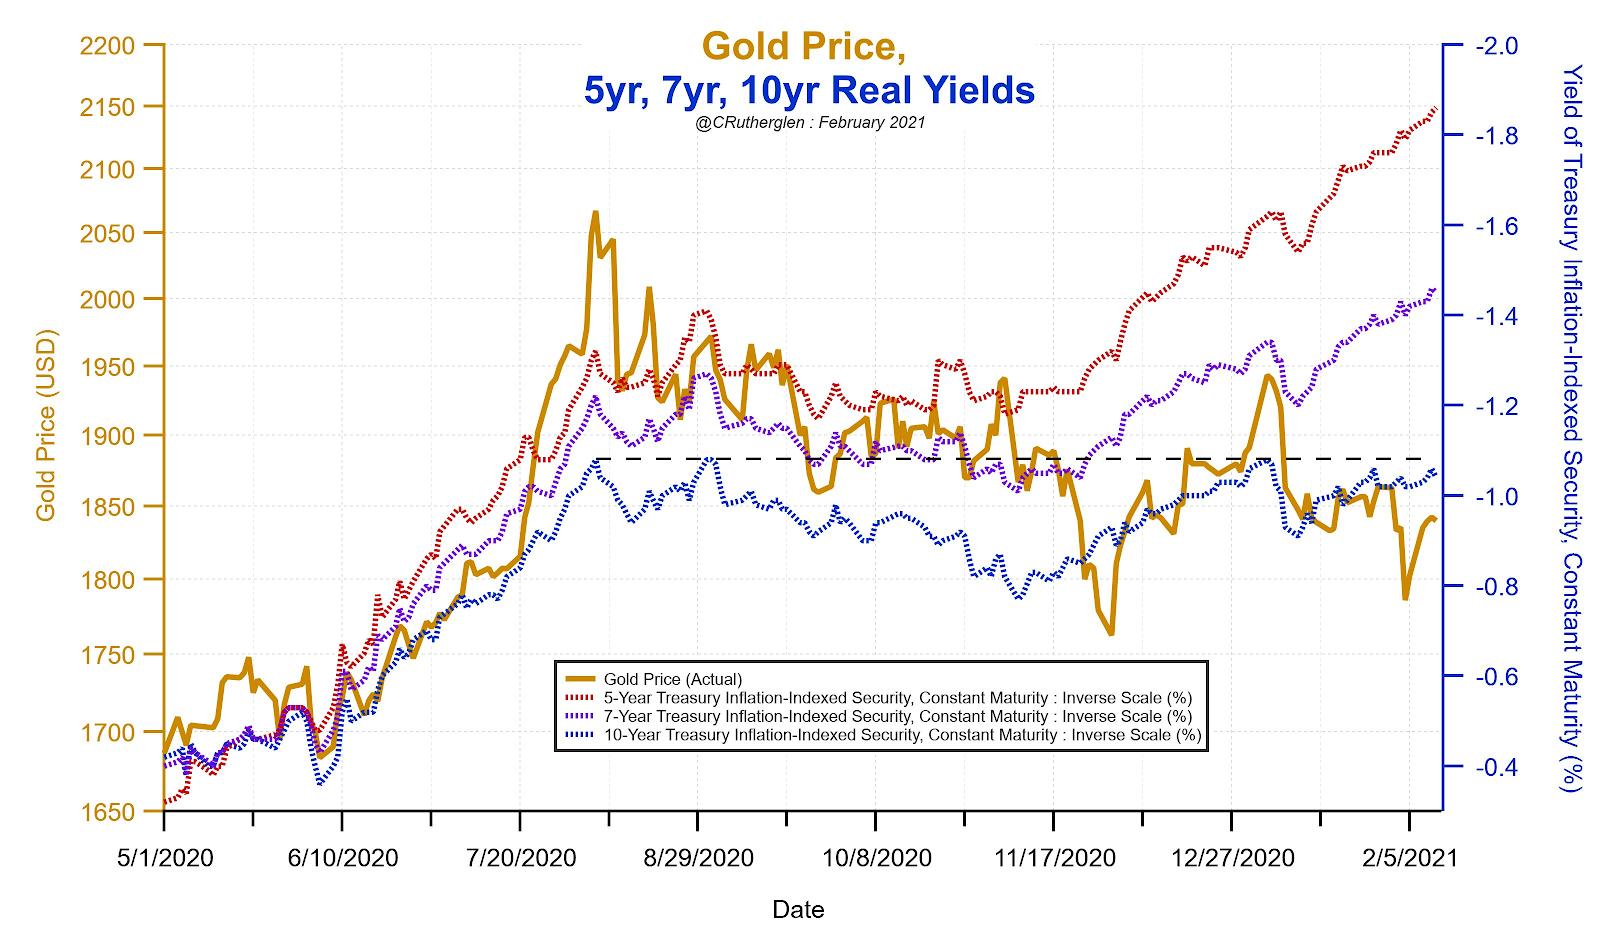 Evolution des prix de l'or depuis début 2020